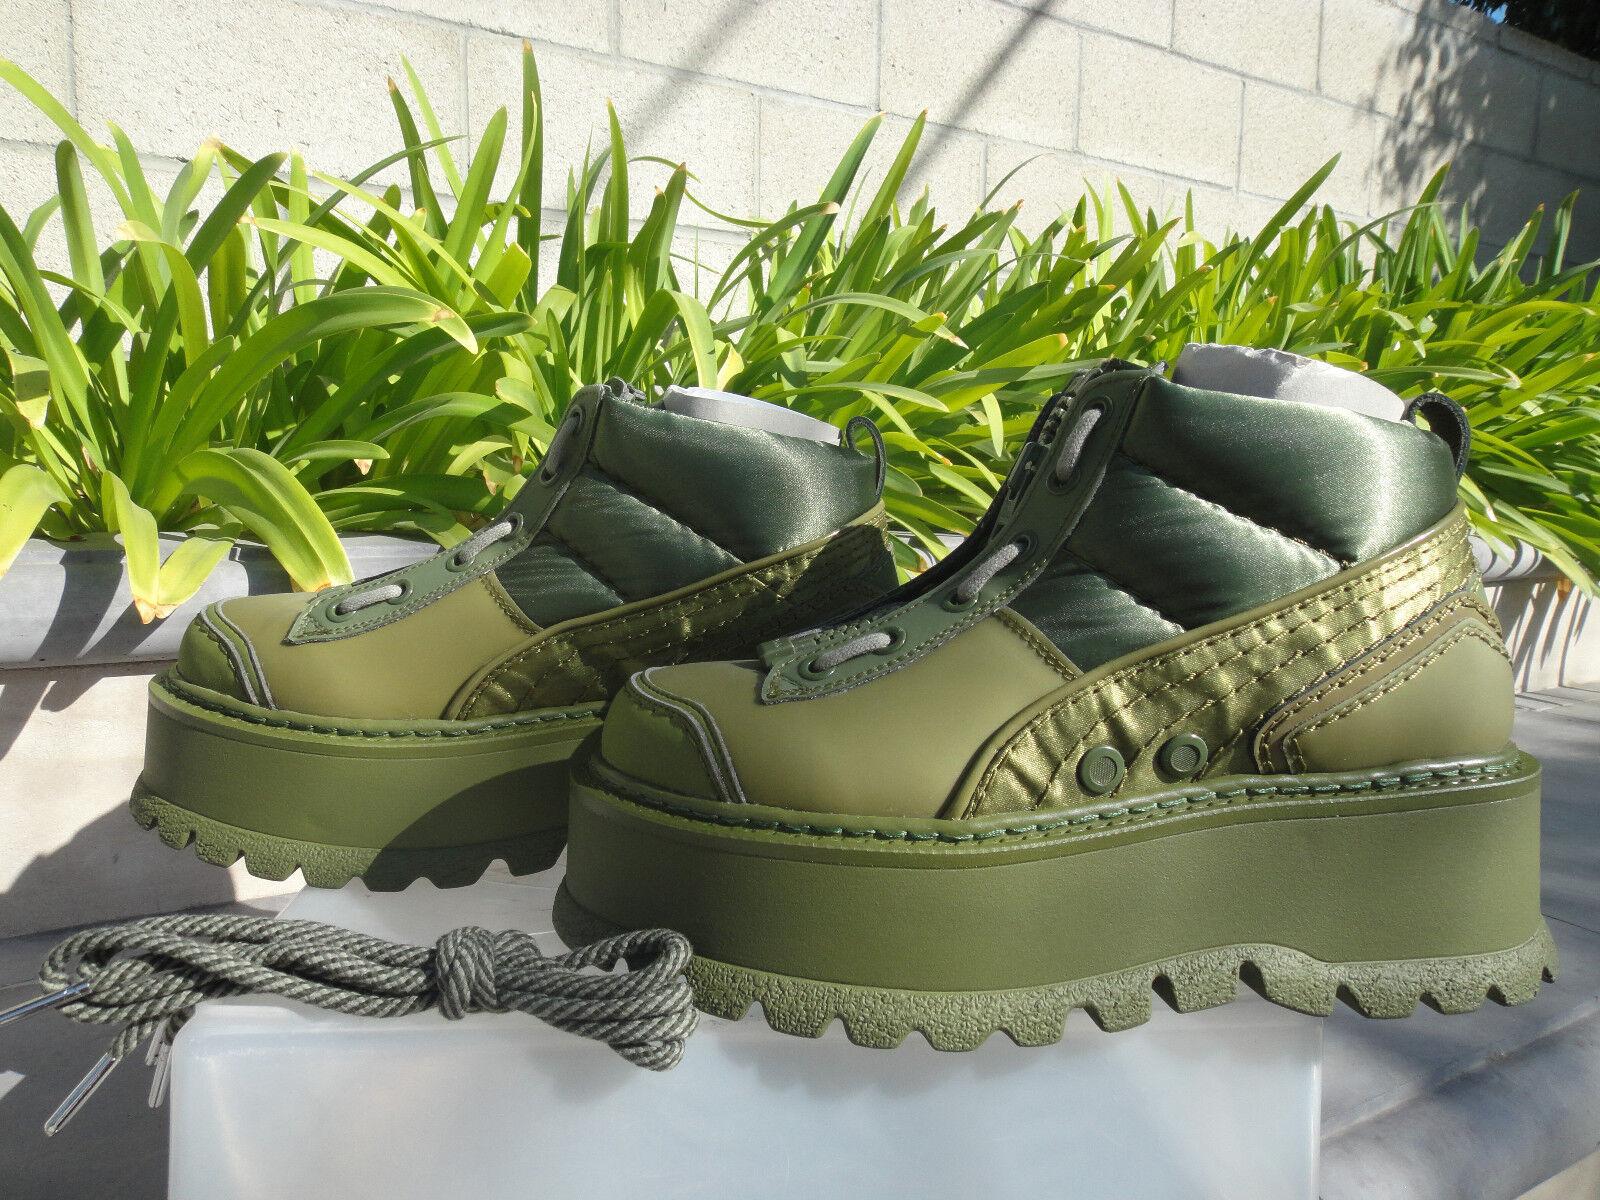 il più recente Fenty Puma by Rihanna, scarpe da ginnastica avvio avvio avvio ZIP, Cypress or Marshmallow, Wm US7.5, HTF  ordina adesso